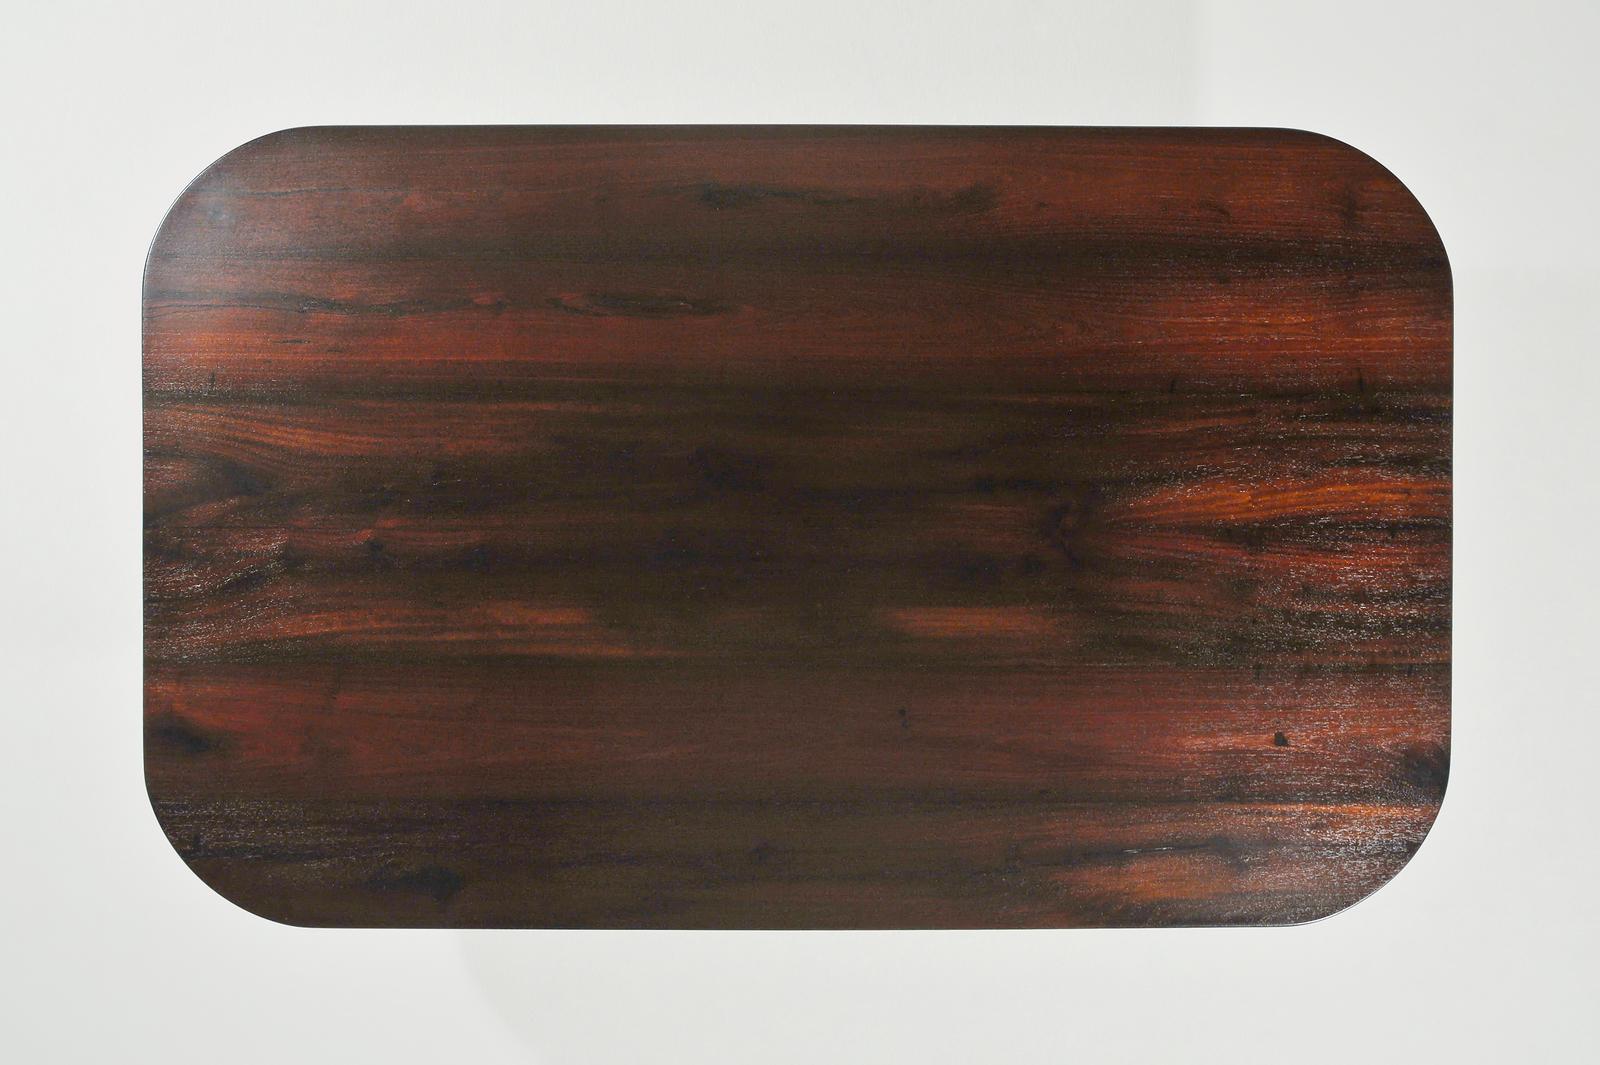 PTendercool-FTOP-PT33 Wooden Base-MT-DO-200305-10